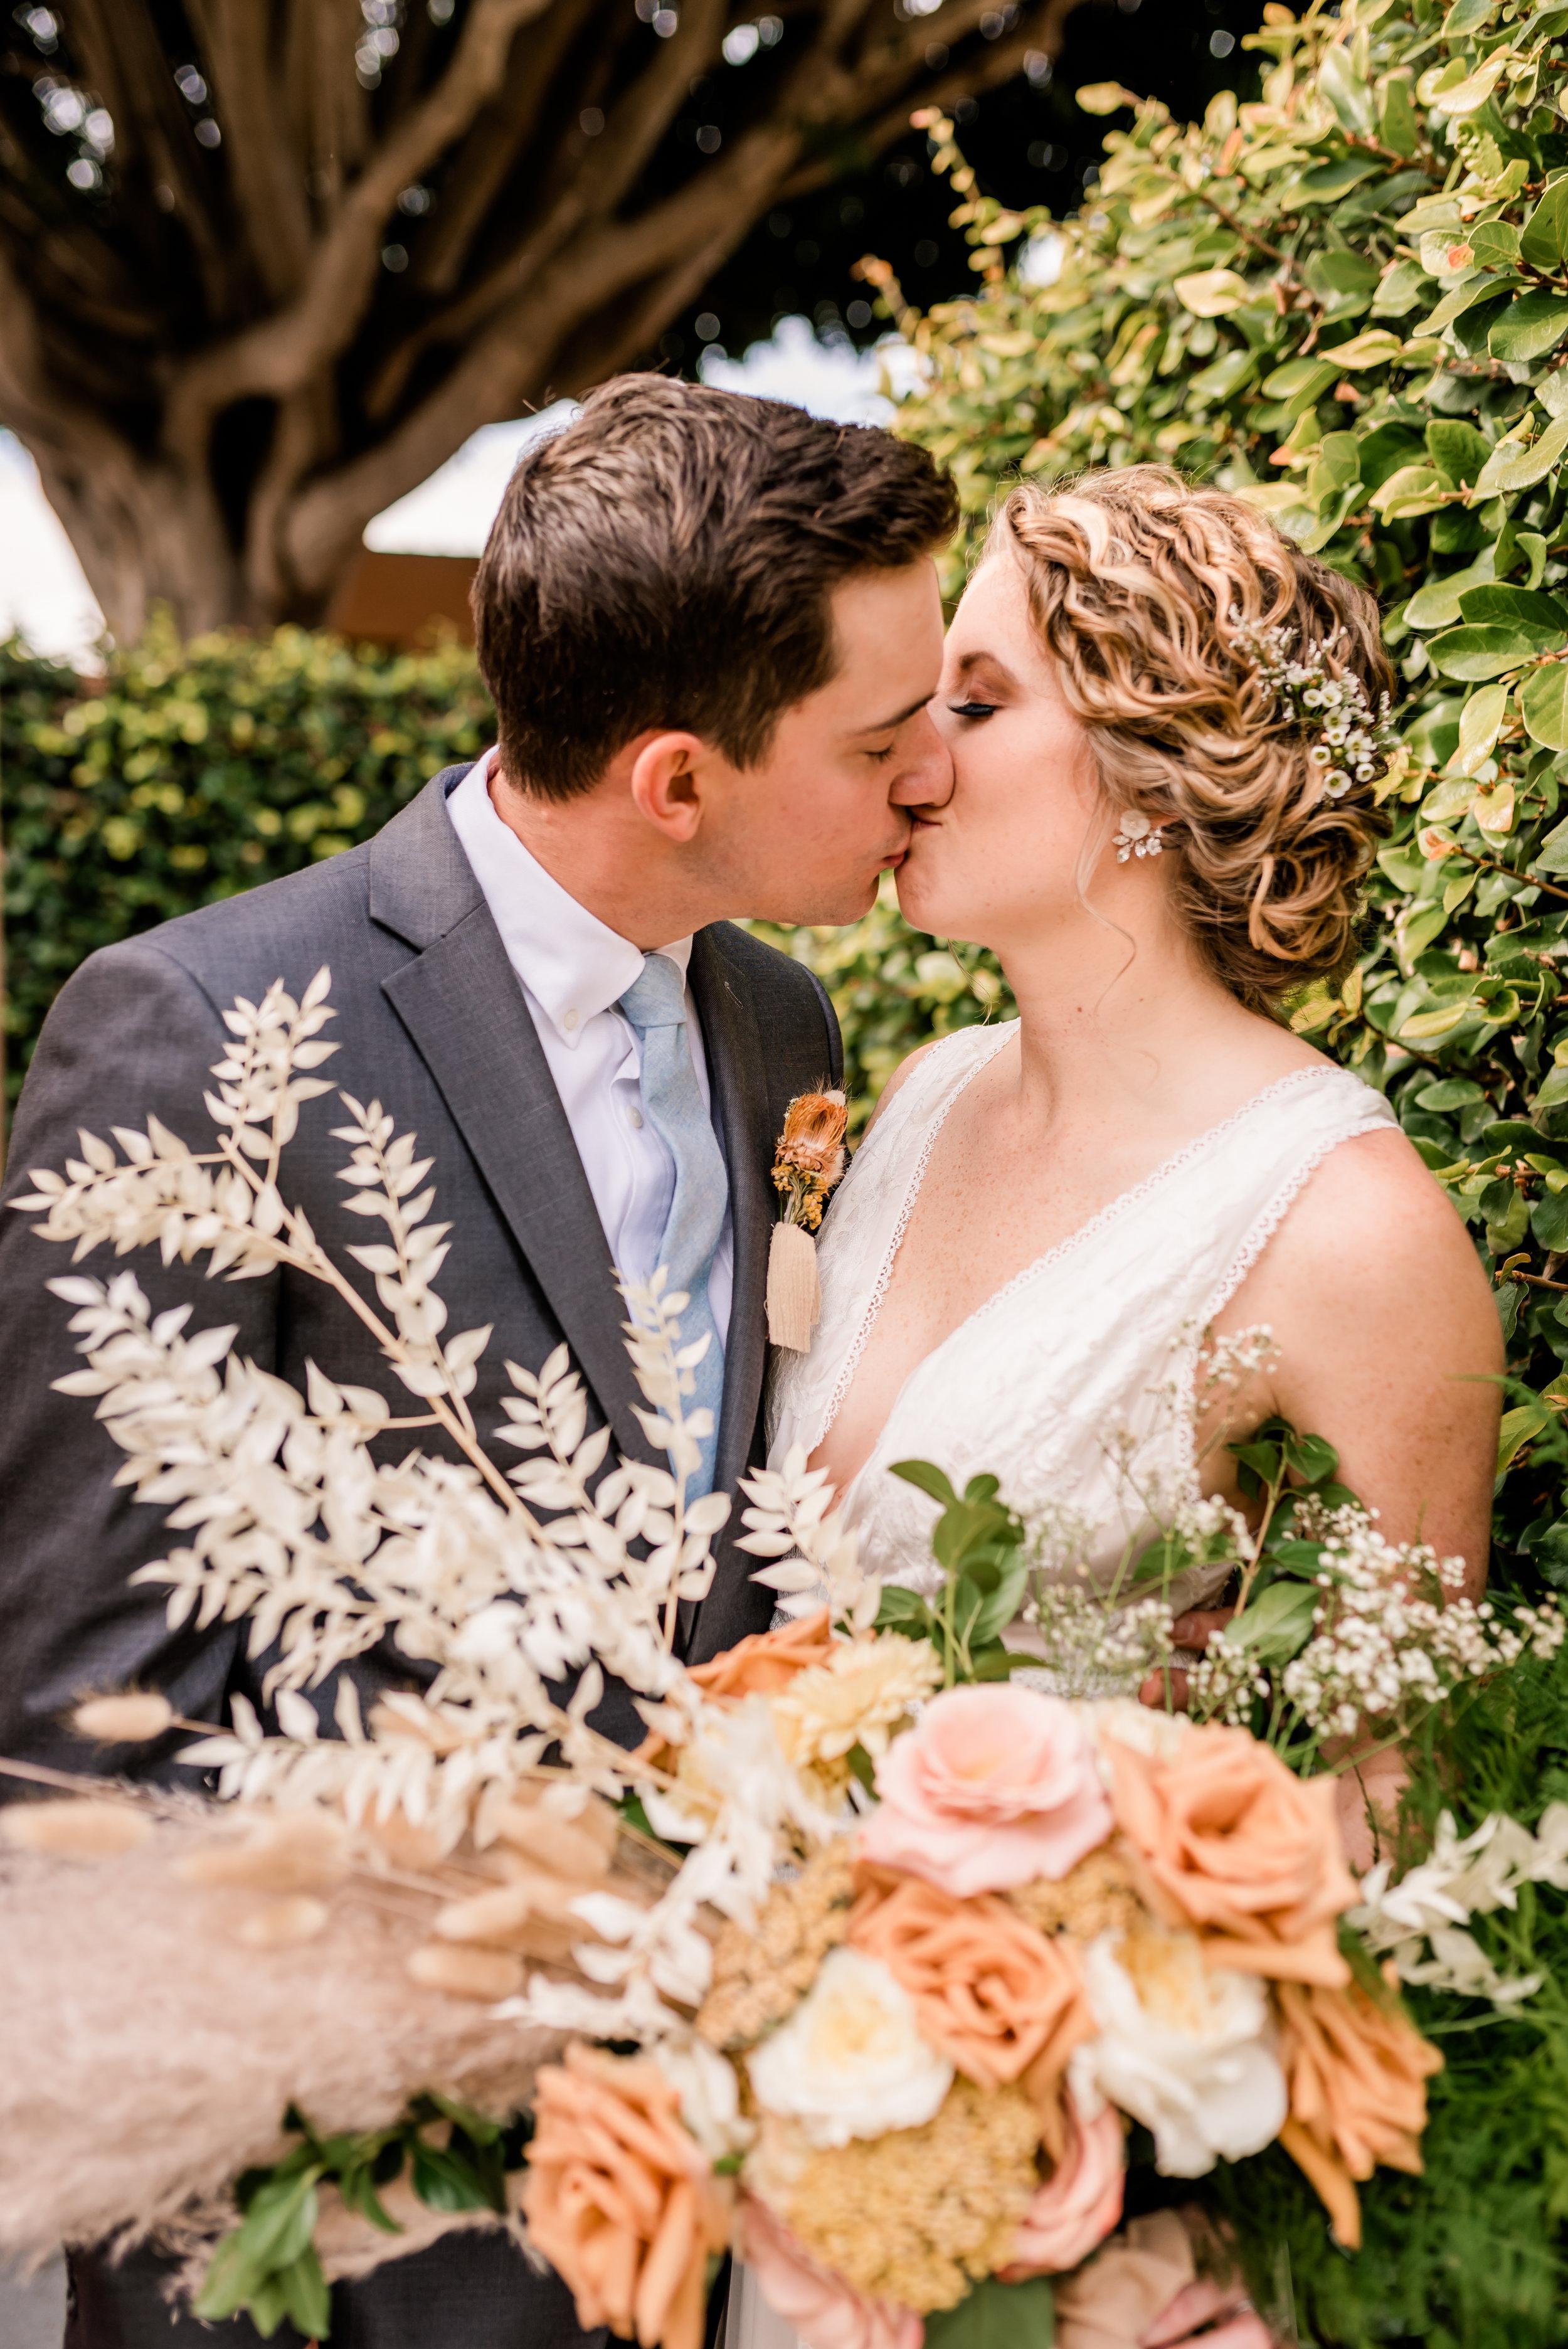 WEDDINGS + ELOPEMENTS